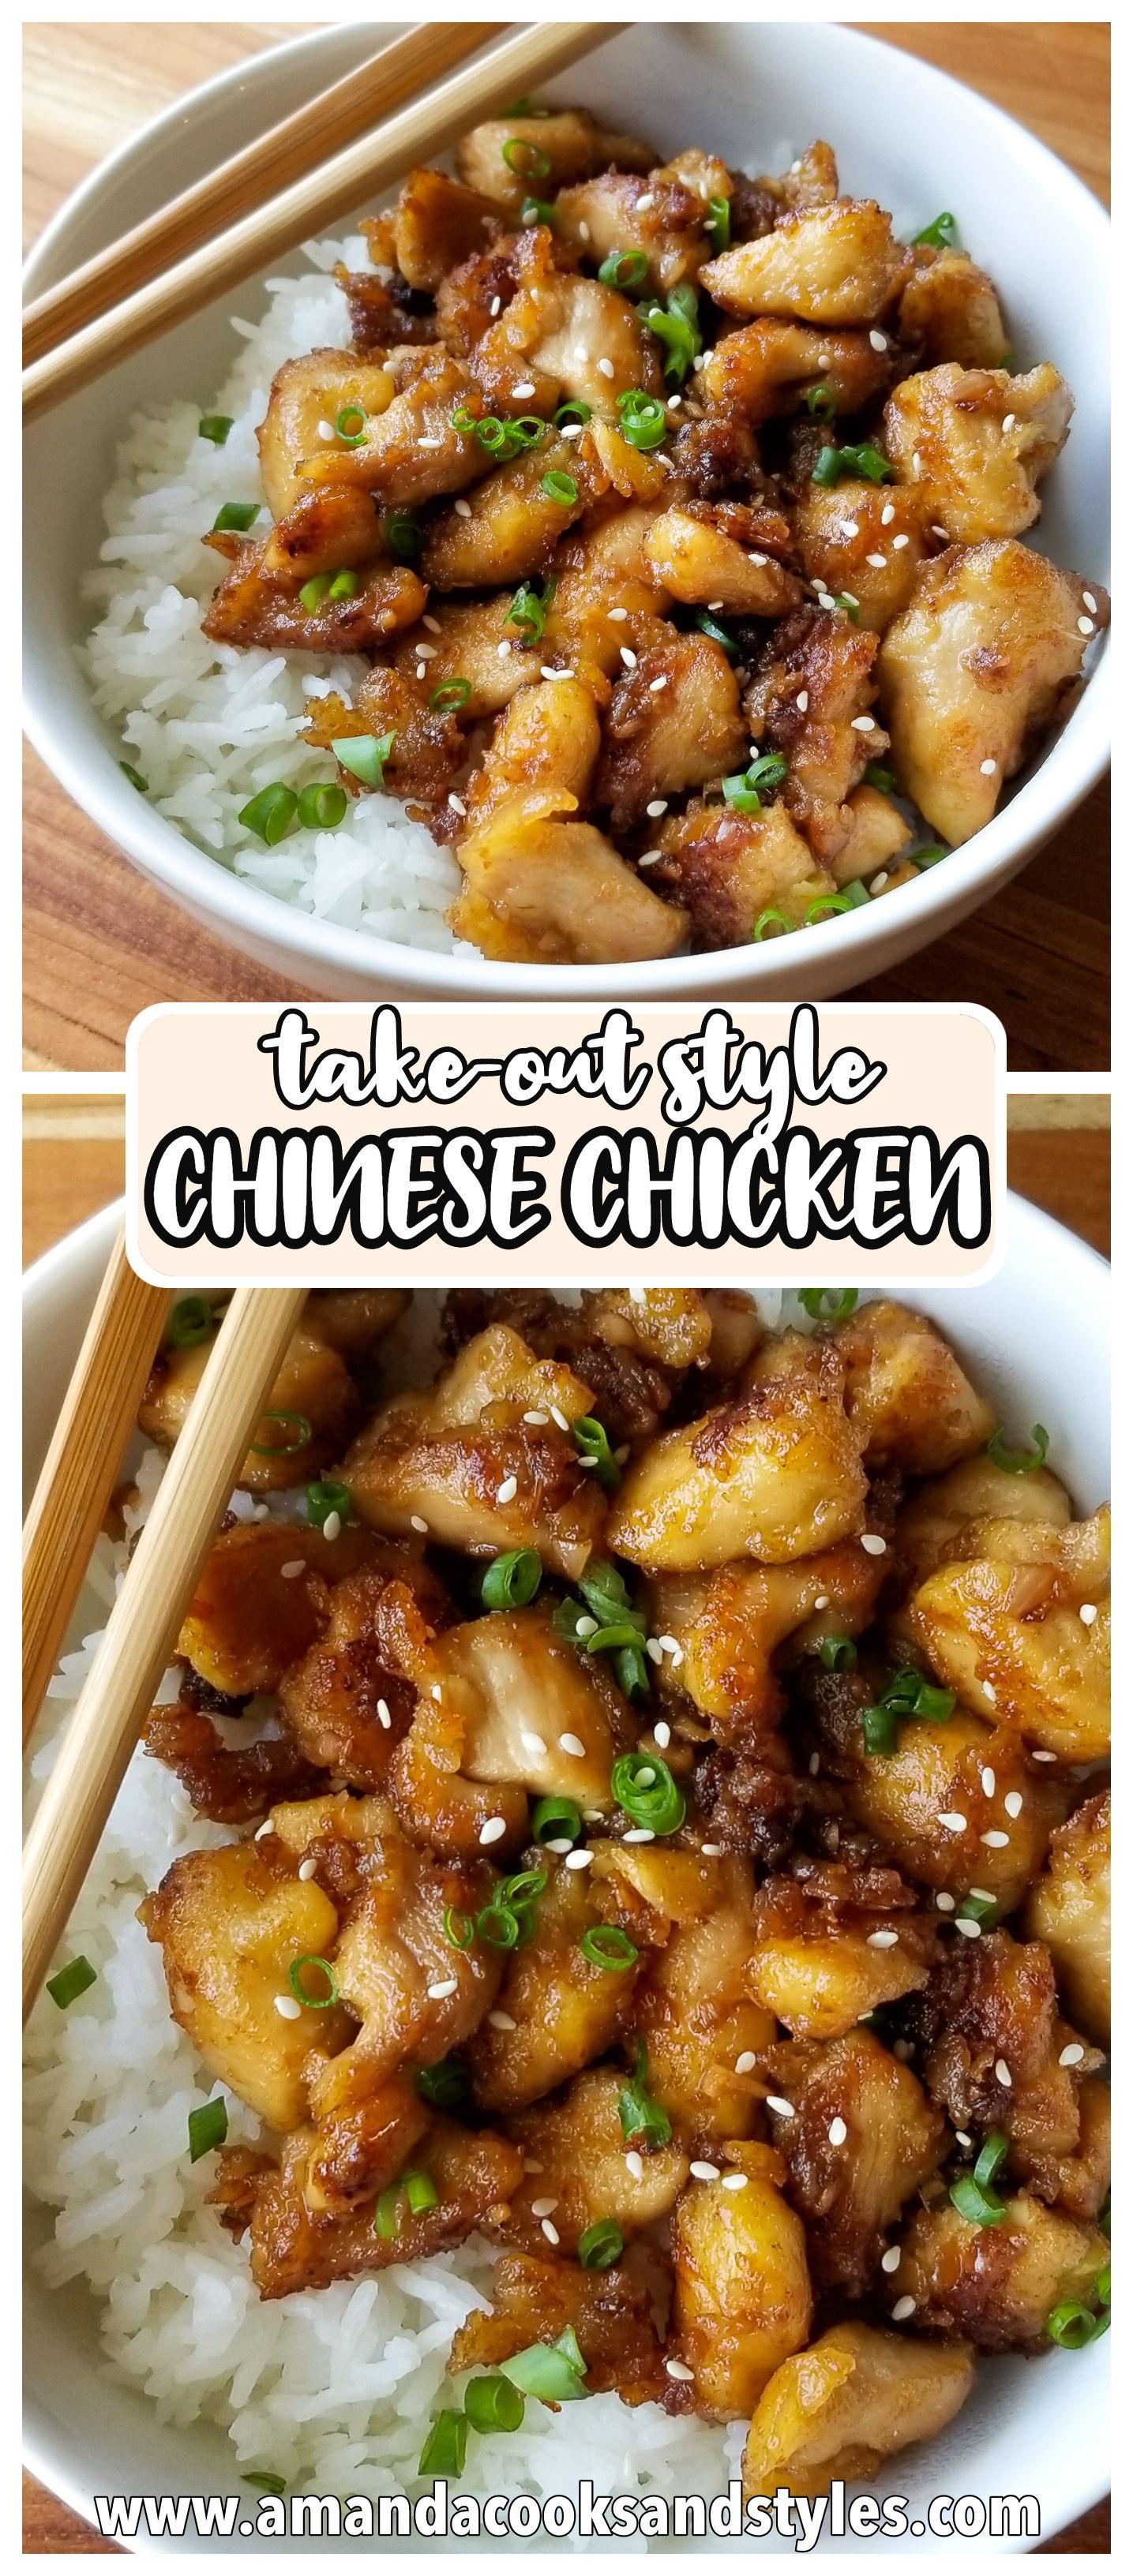 Garlic Ginger Chicken Recipe Cooked Chicken Recipes Easy Chinese Chicken Recipes Easy Chinese Recipes